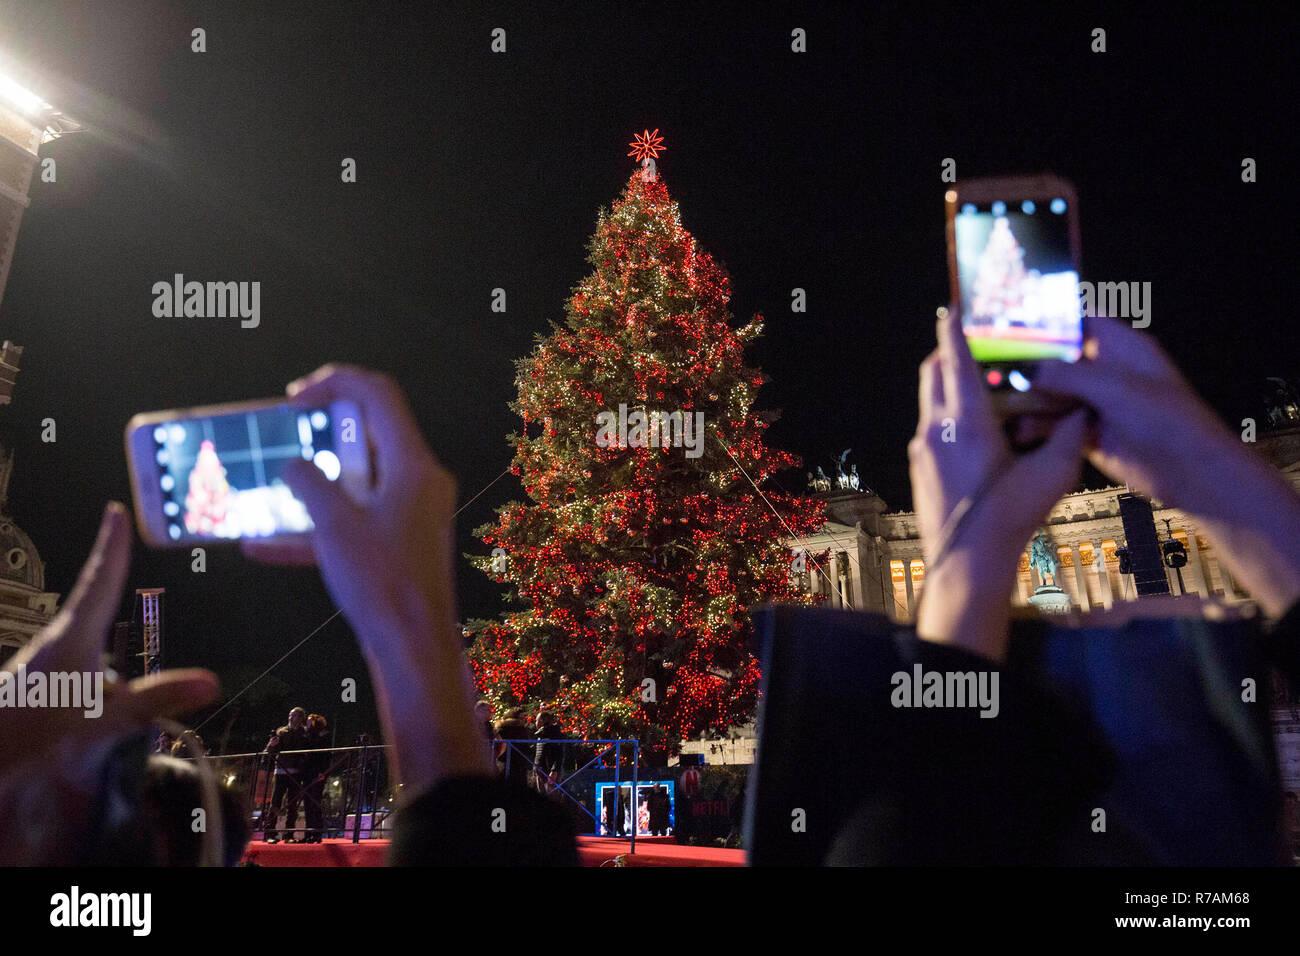 Albero Di Natale 8 Dicembre.Roma Italia 8 Dicembre 2018 Albero Di Natale Si Accende Credito